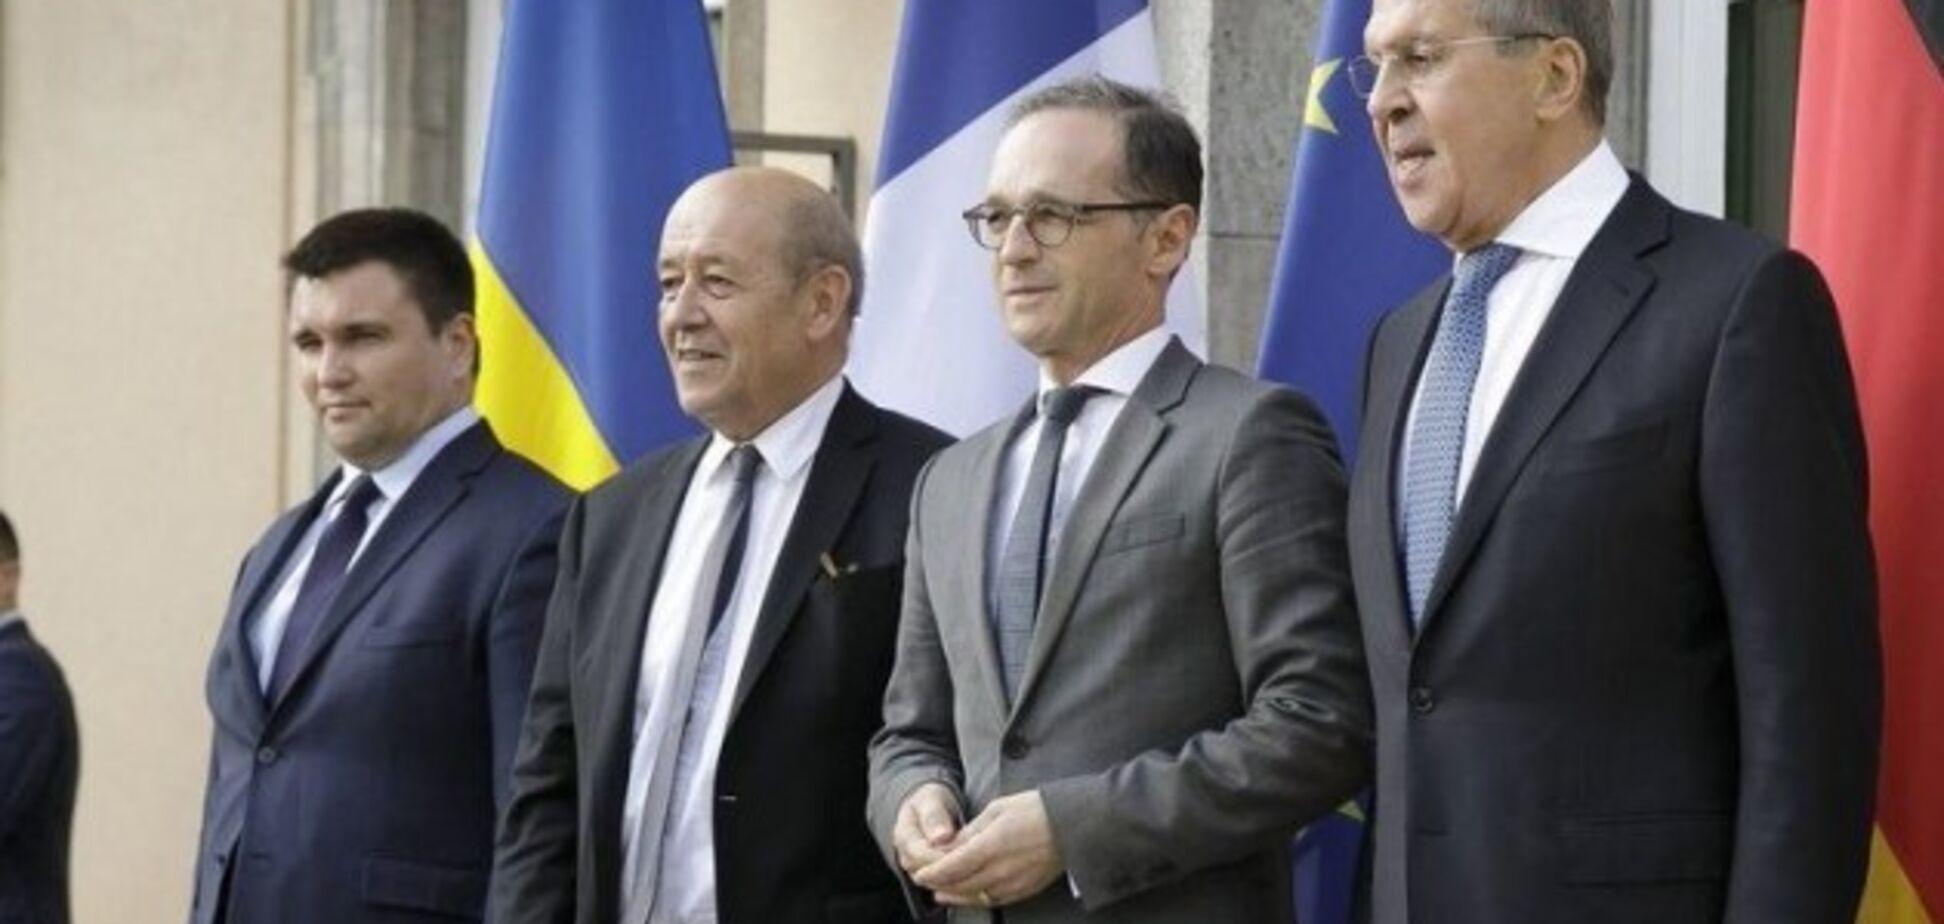 Клондайк для Путина, или Чем вреден для Украины Нормандский формат?